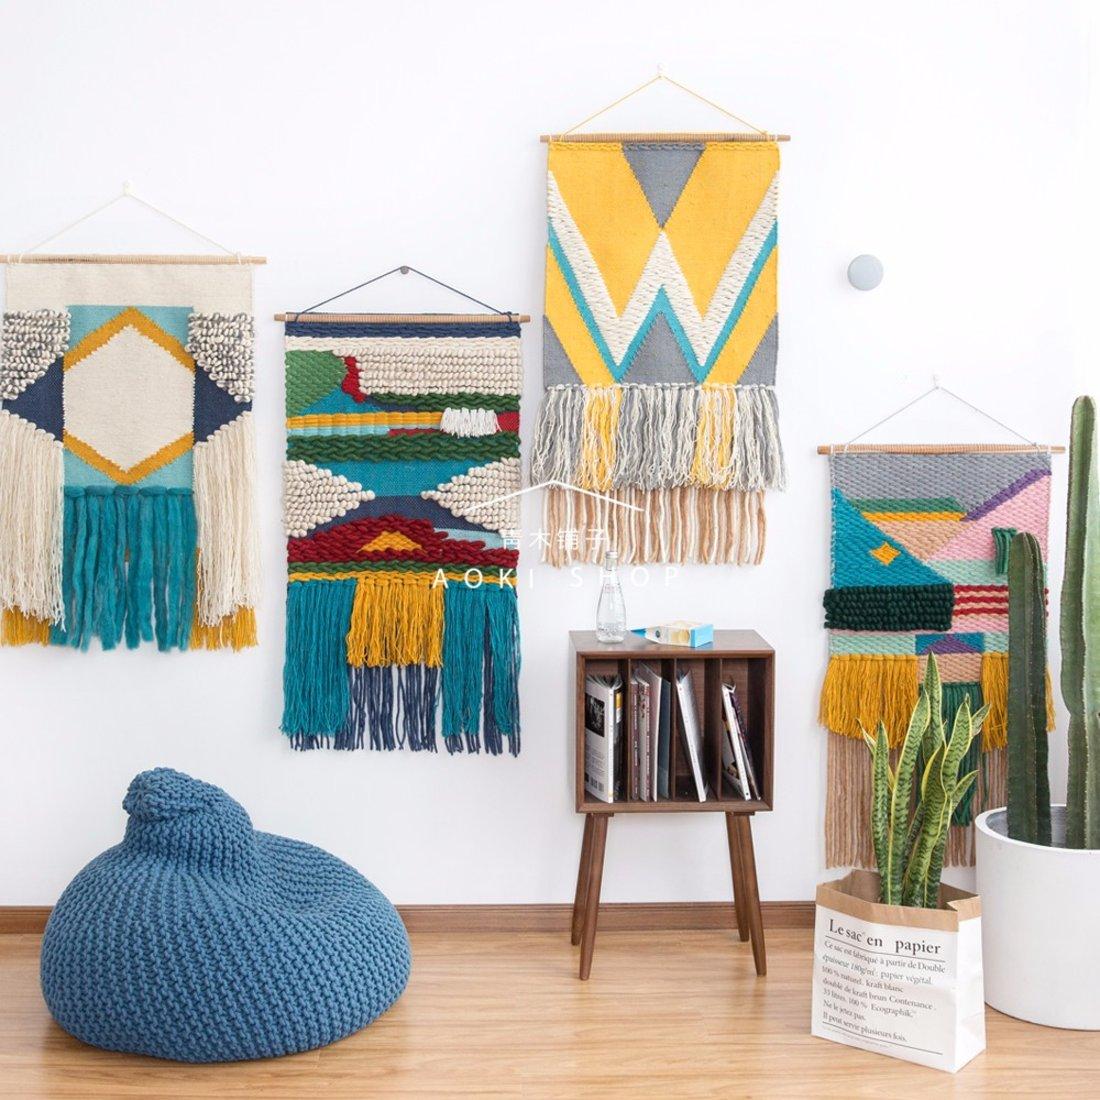 「挂毯」羊毛手工编织挂毯